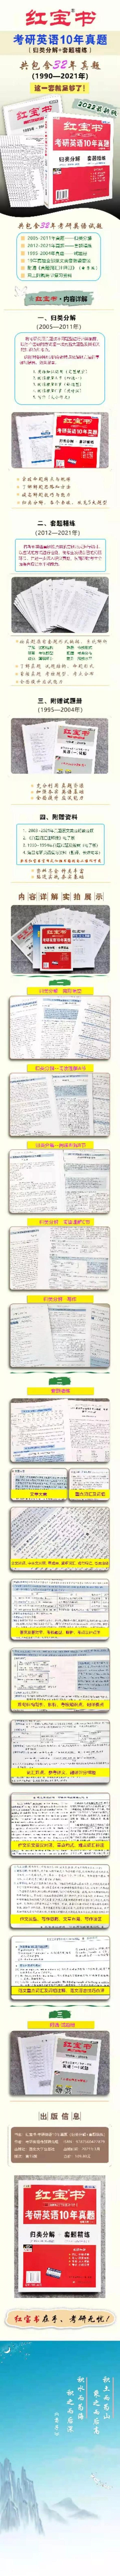 考研英语究竟如何复习才能拿高分?